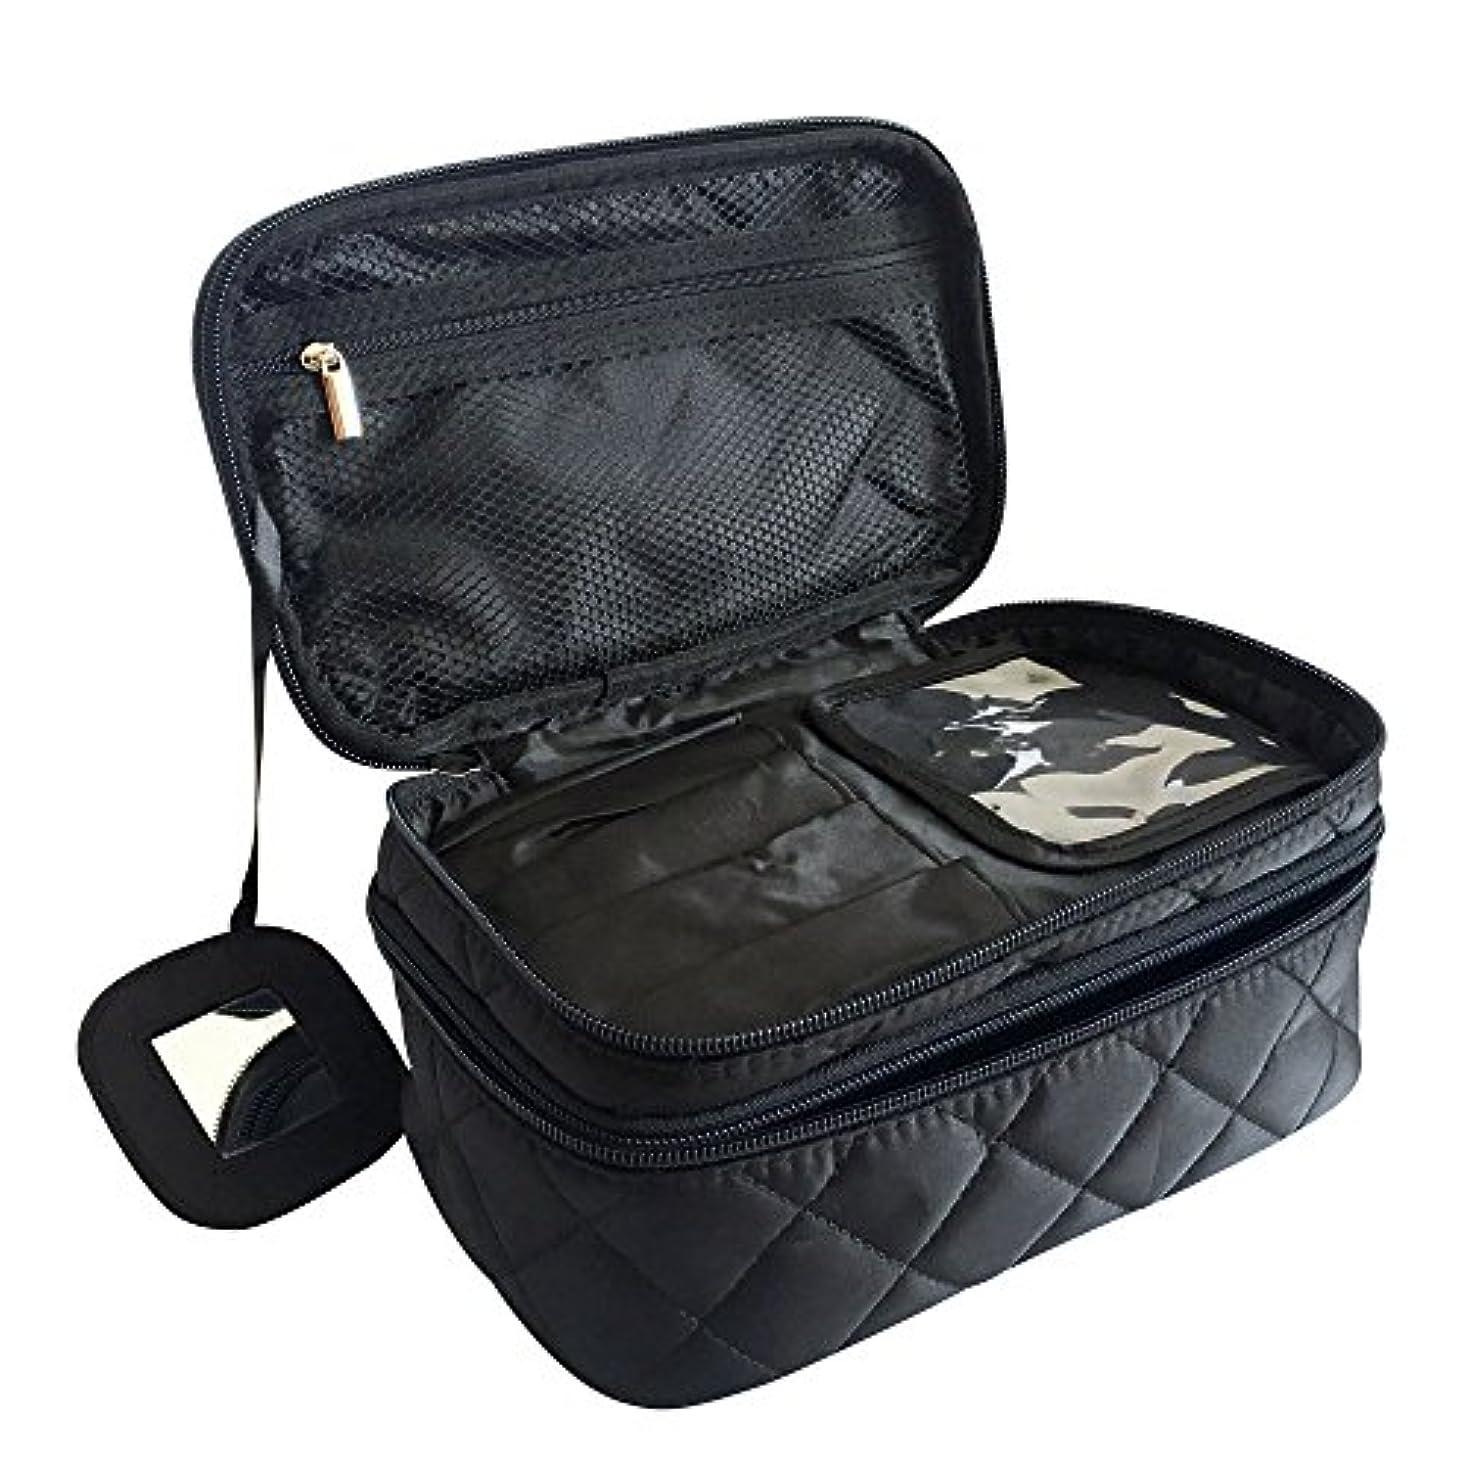 乏しい間欠プレビスサイトONEGenug プロ用 メイクボックス 高品質 多機能 多容量 メイクブラシバッグ 収納ケース スーツケース?トラベルバッグ 化粧 バッグ メイクブラシ 化粧道具 小物入れ 23cm×14cm×10cm